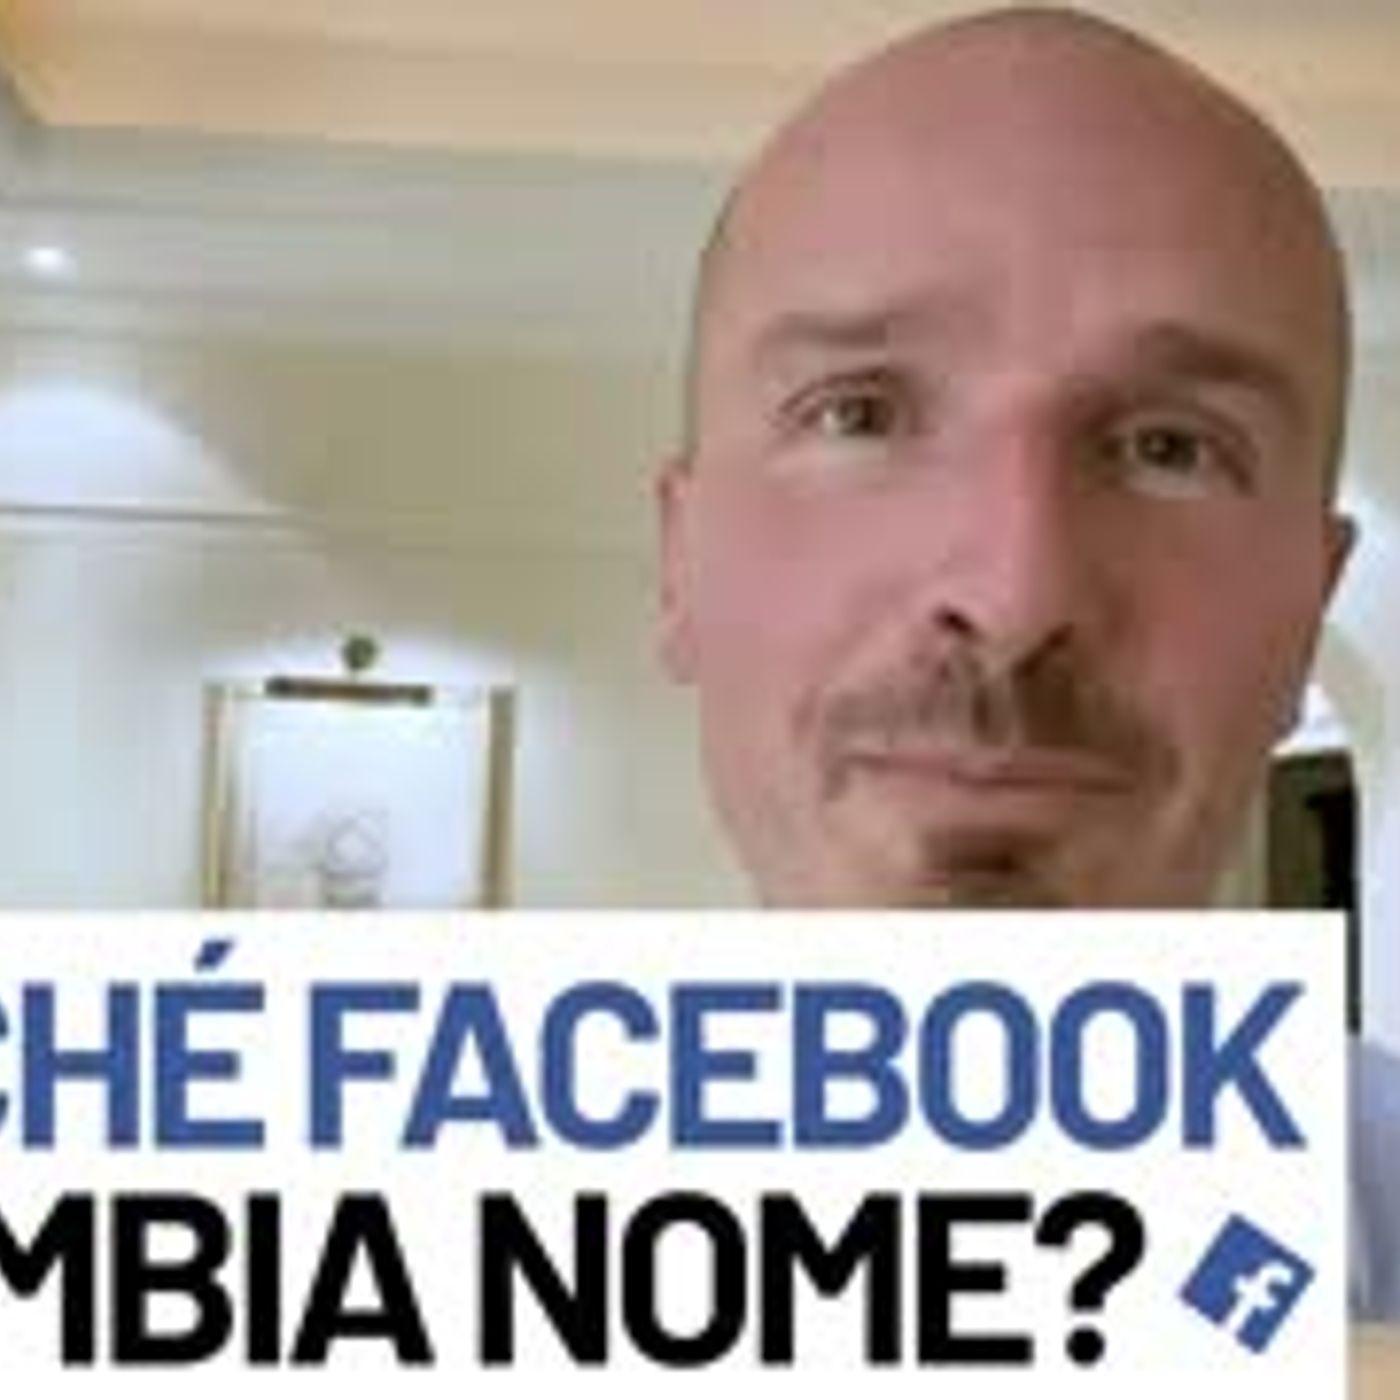 Perché Facebook cambia nome?